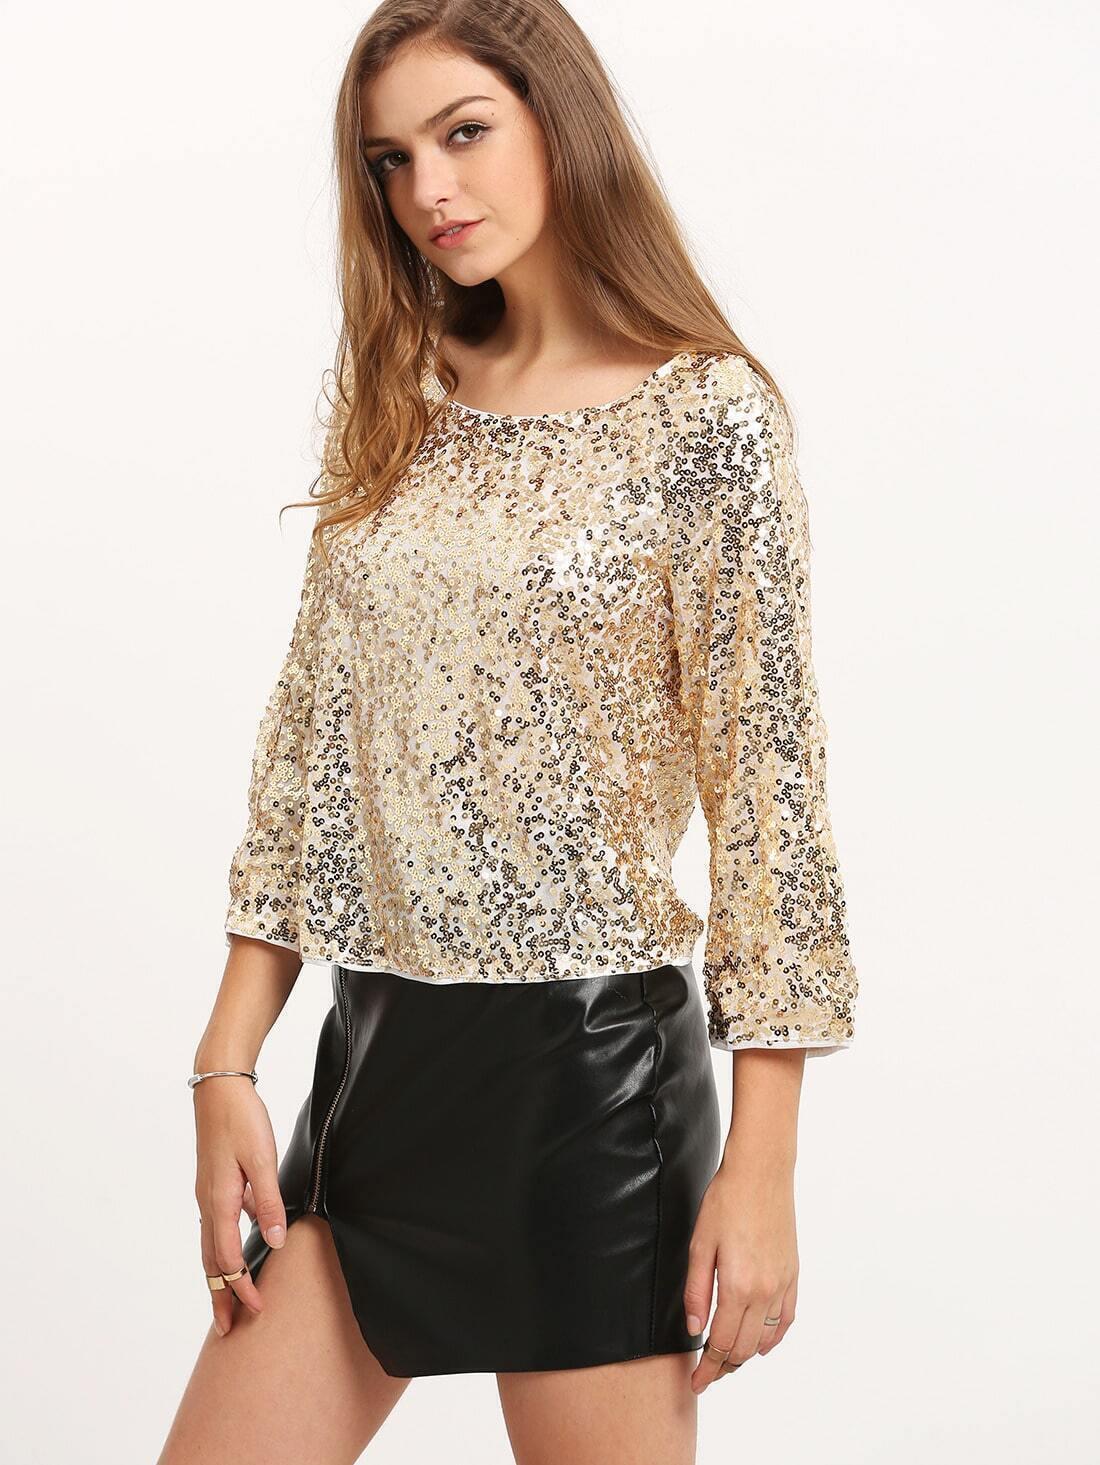 Блузка Блестящая С Доставкой